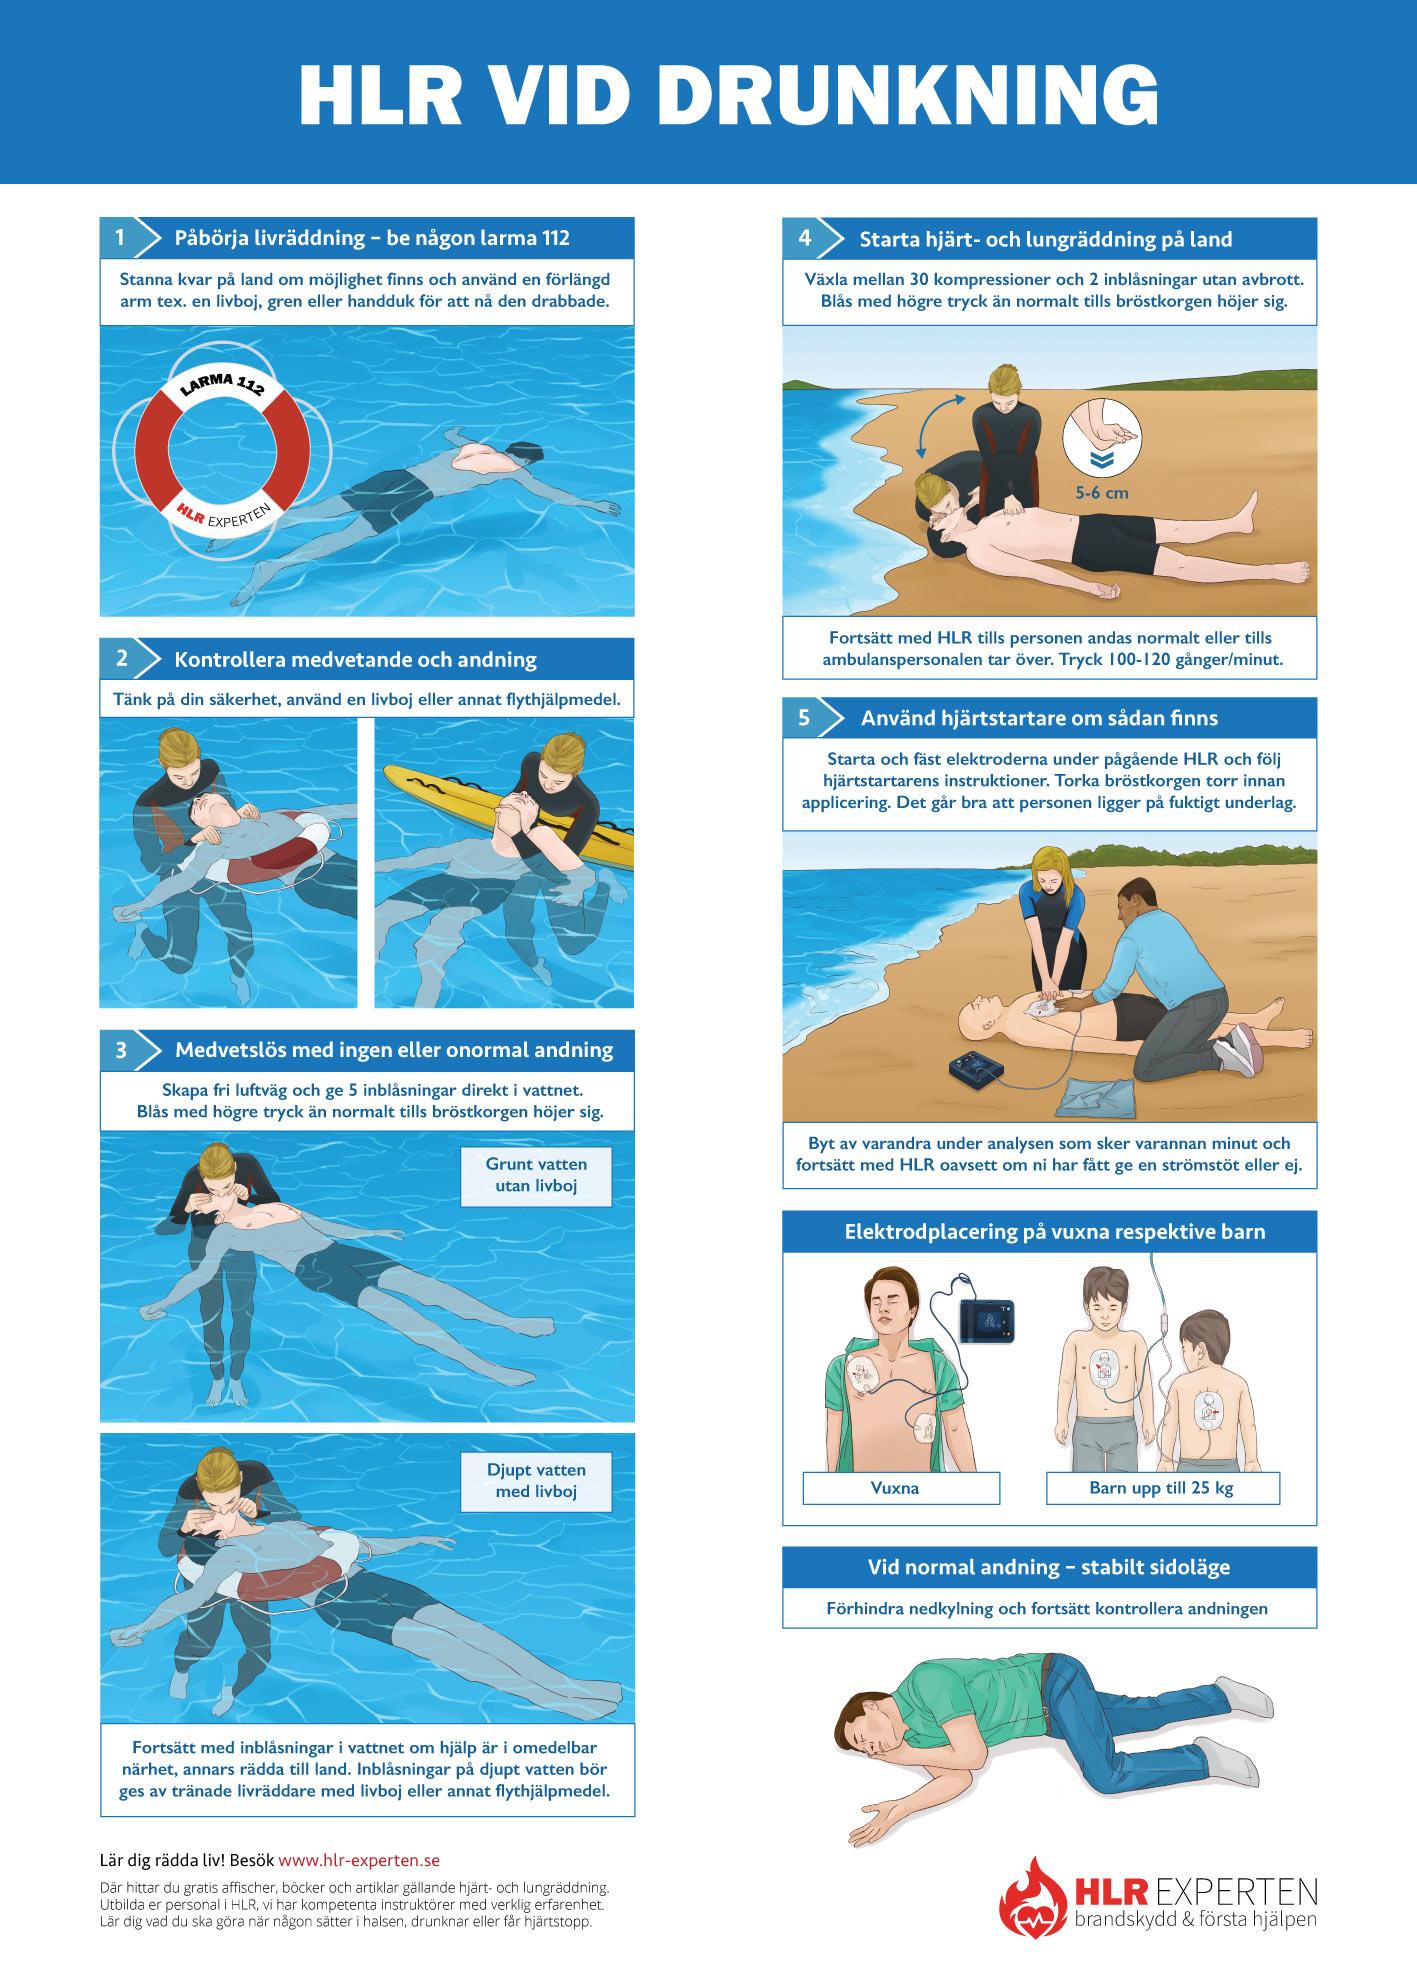 HLR affisch - Bilden visar HLR handlingsplan för HLR vid drunkning - Illustration: Wasim Hentati tel. 070-2736853 - HLR Experten